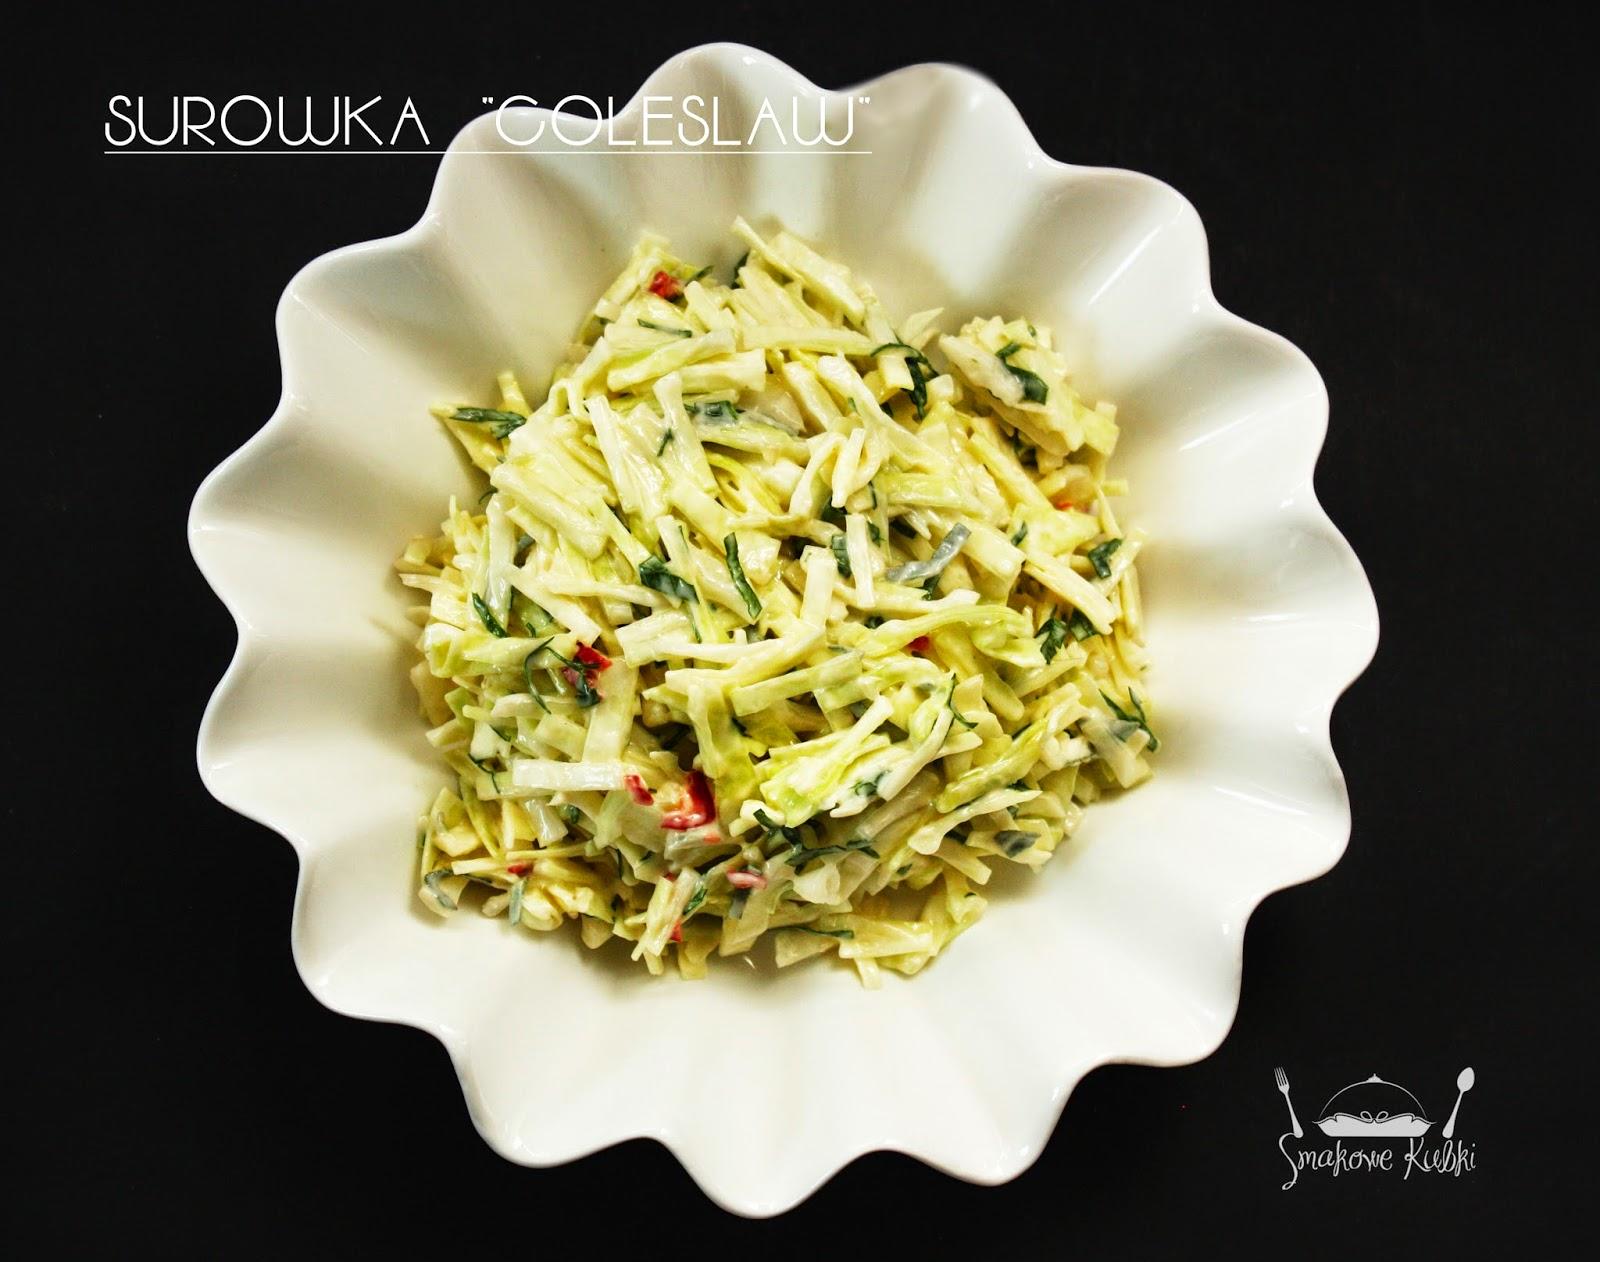 Surówka colesław z chili i ziołami  (coleslaw salad with chili and herbs)